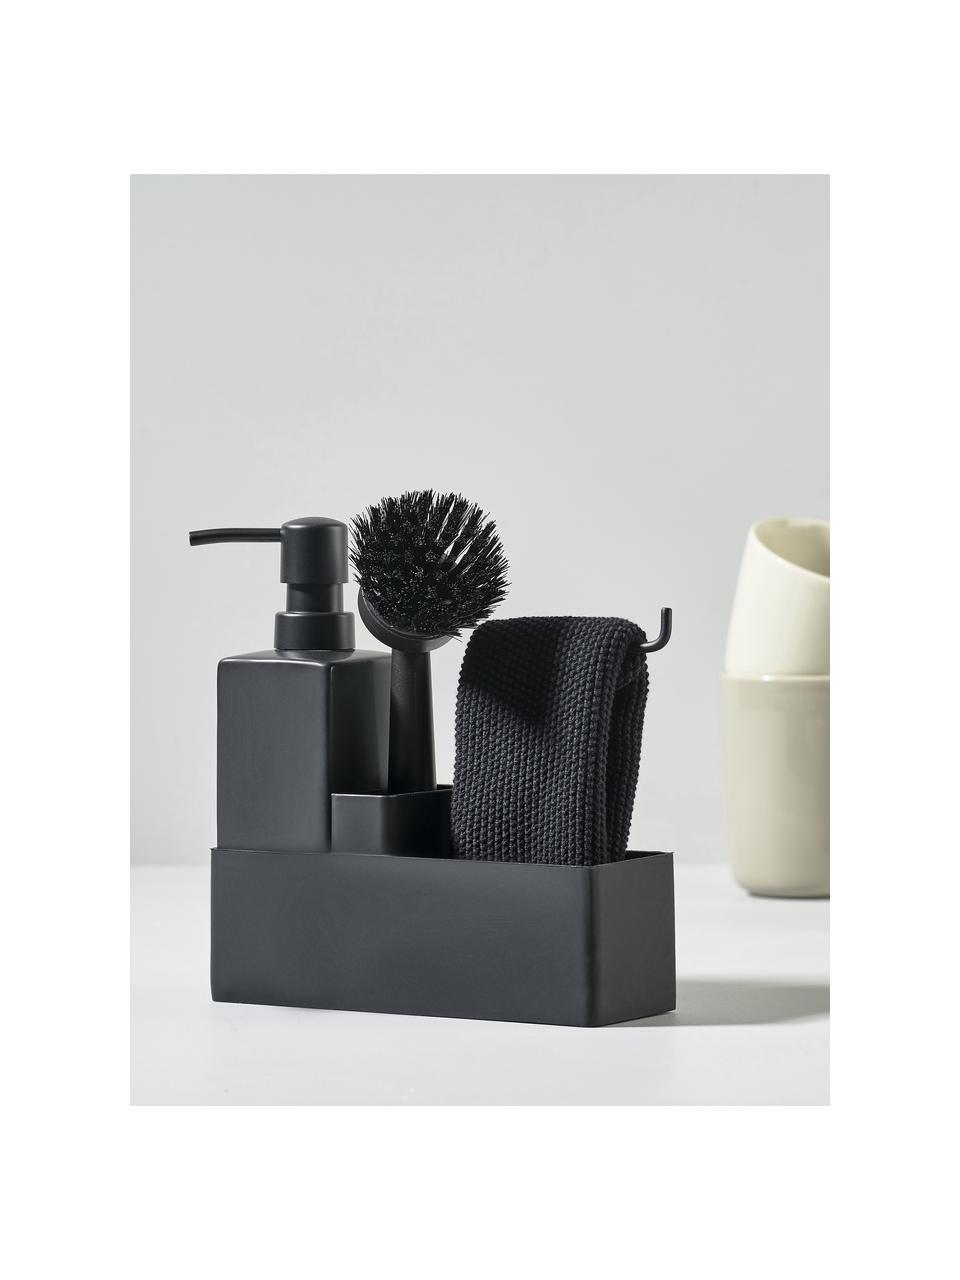 Dozownik na płyn do naczyń ze szczotką Parta, Ceramika, silikon, Czarny, S 19 x W 21 cm